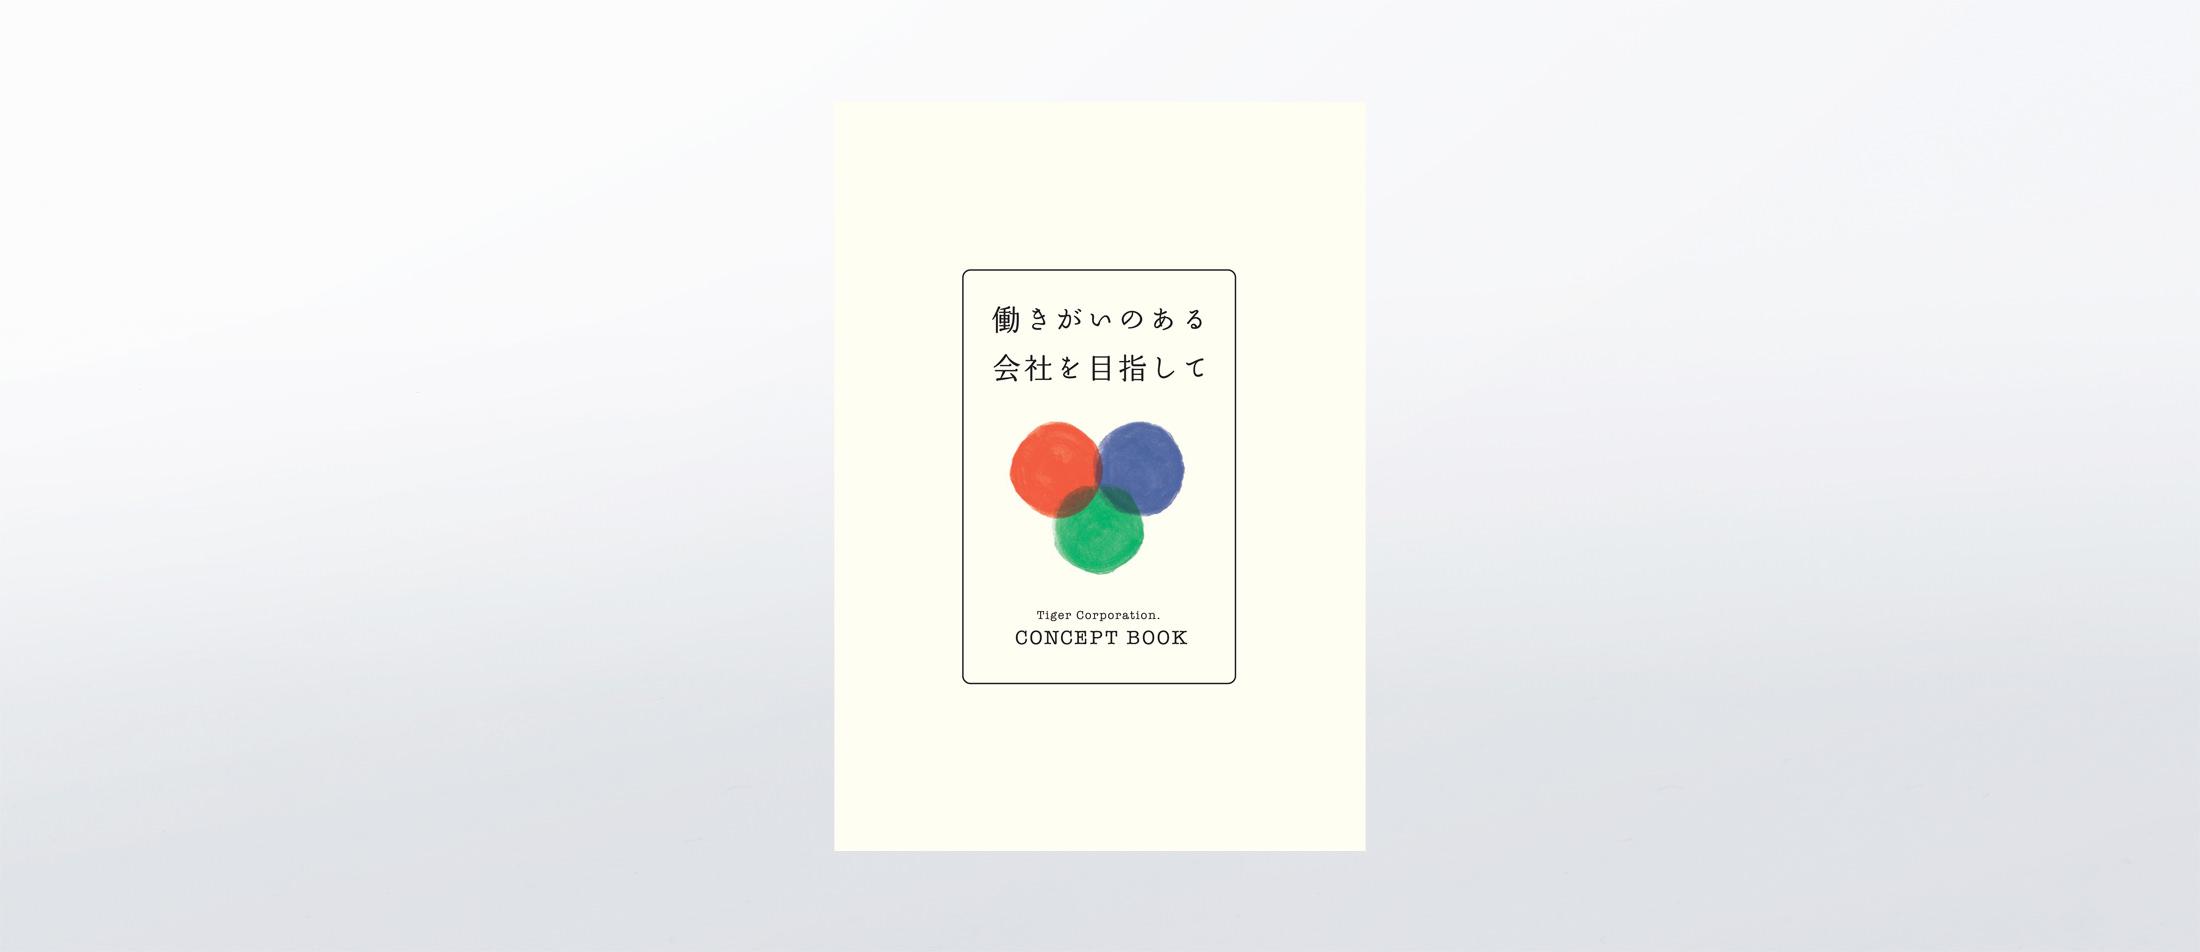 理念浸透コンセプトブック